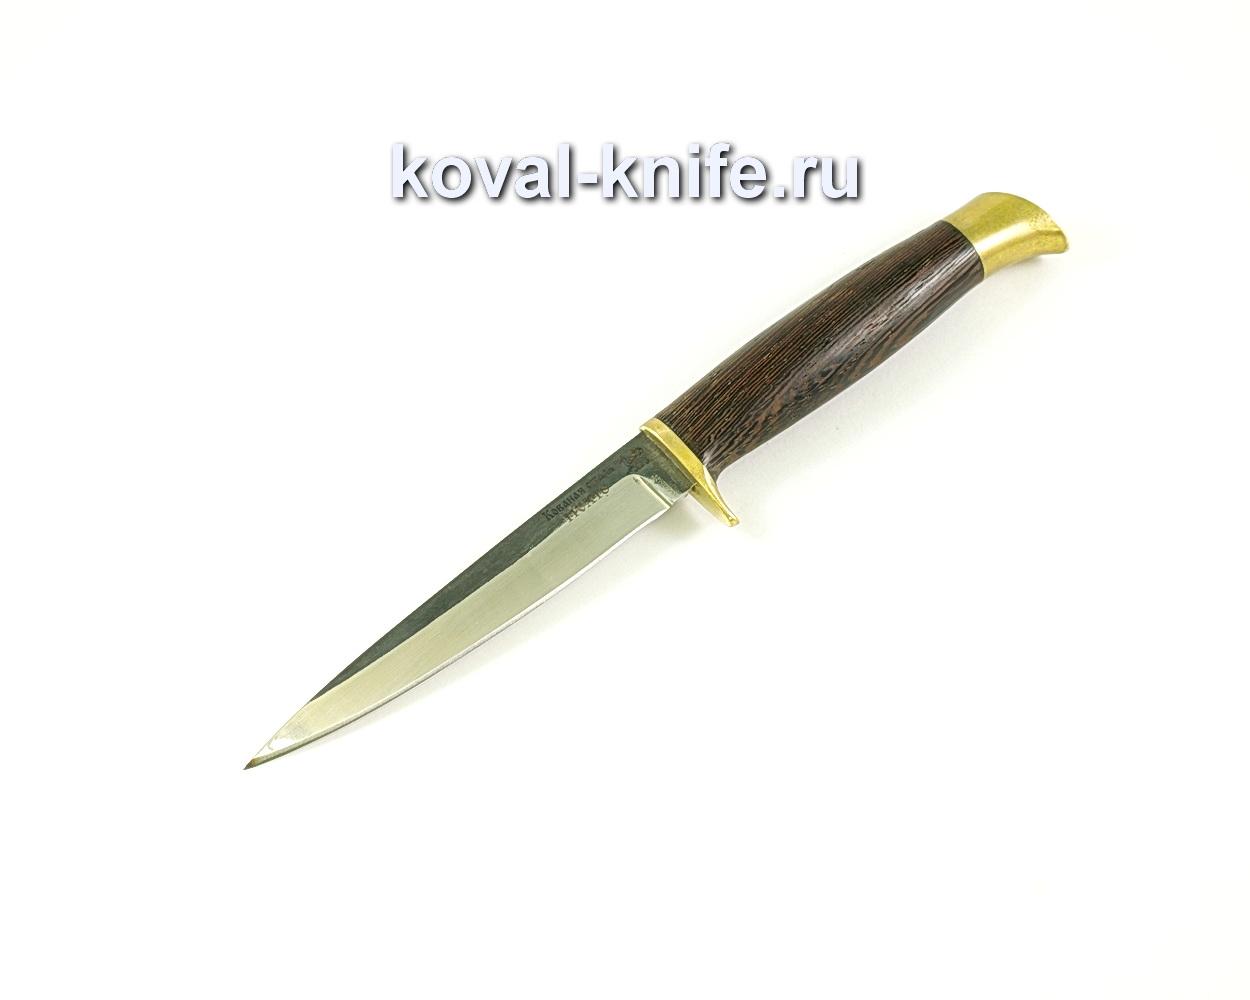 Нож Коготь (сталь 110х18), рукоять венге, литье A043